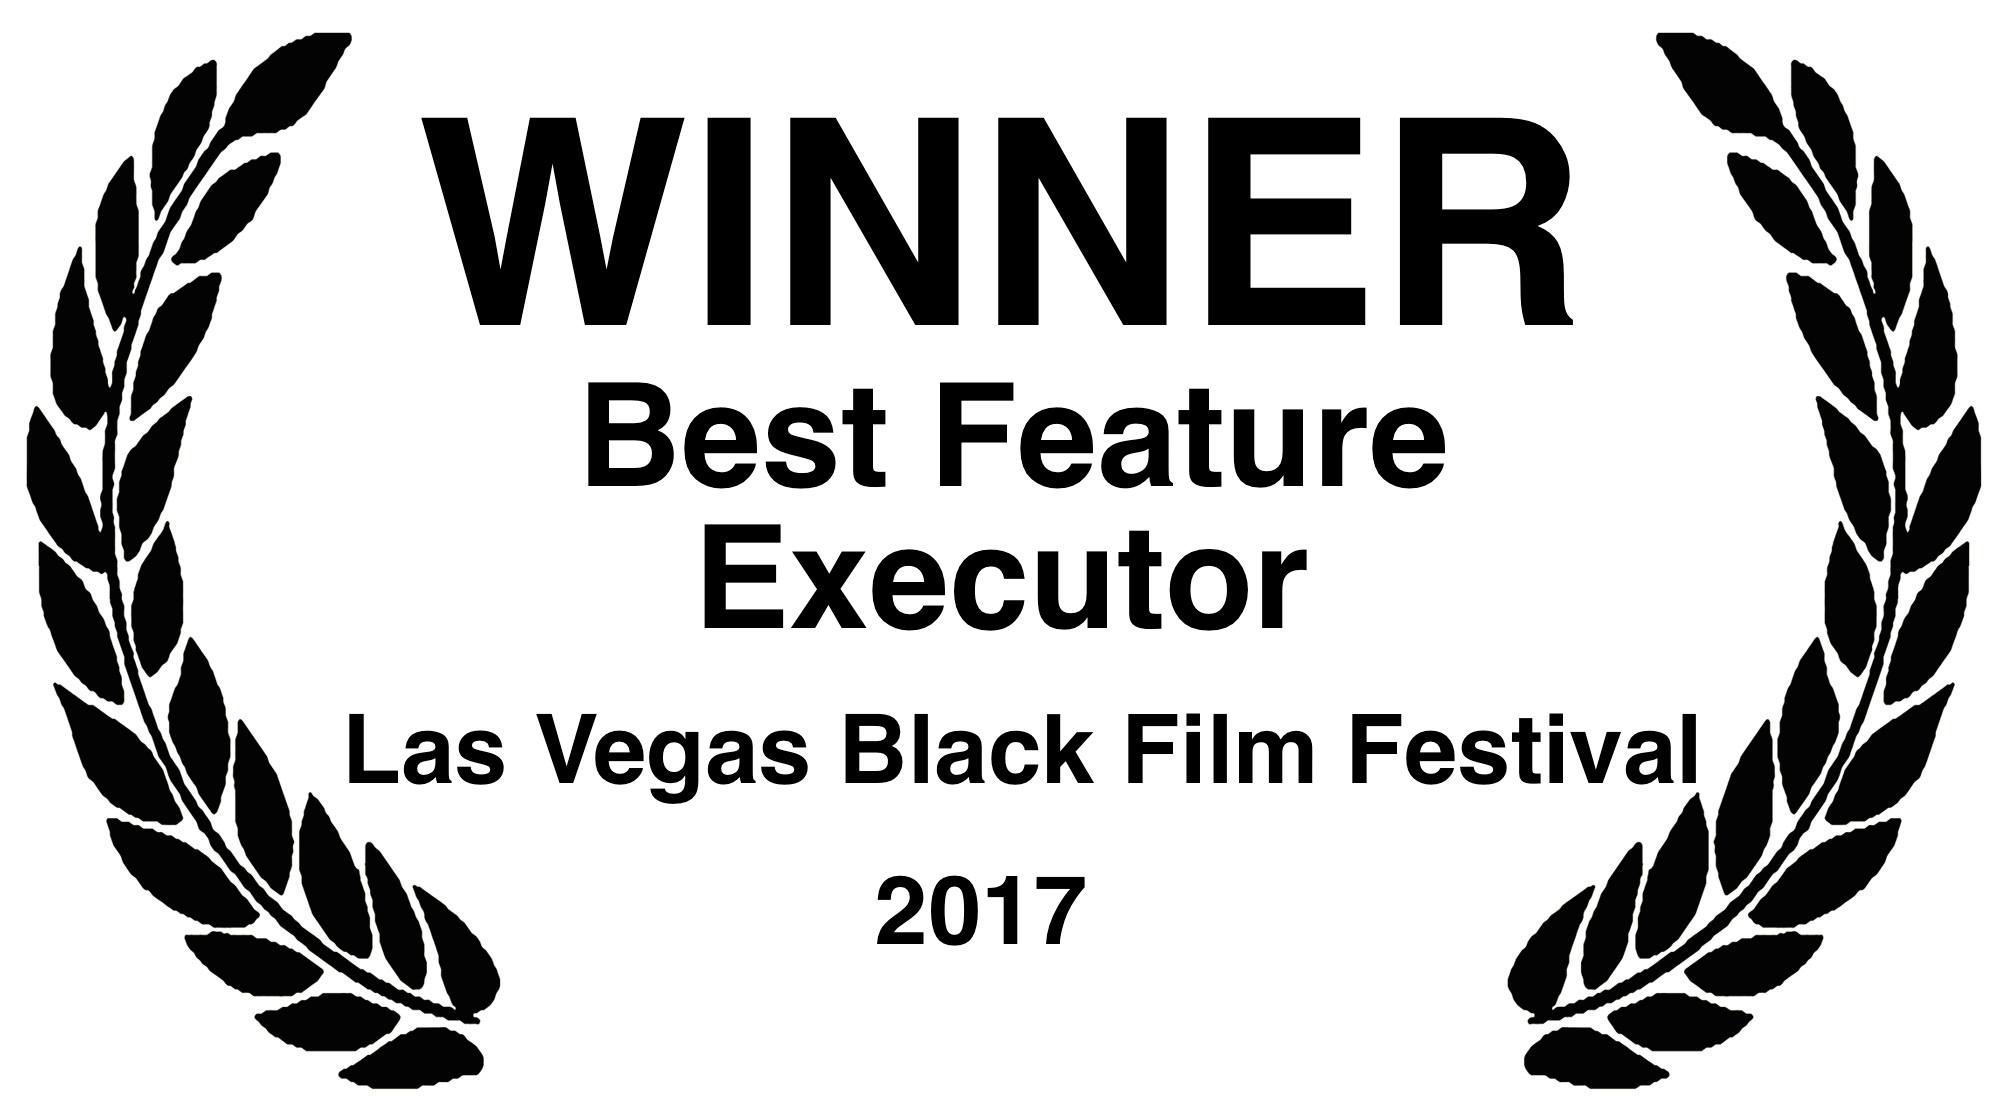 LVBFF Best Feature.jpeg